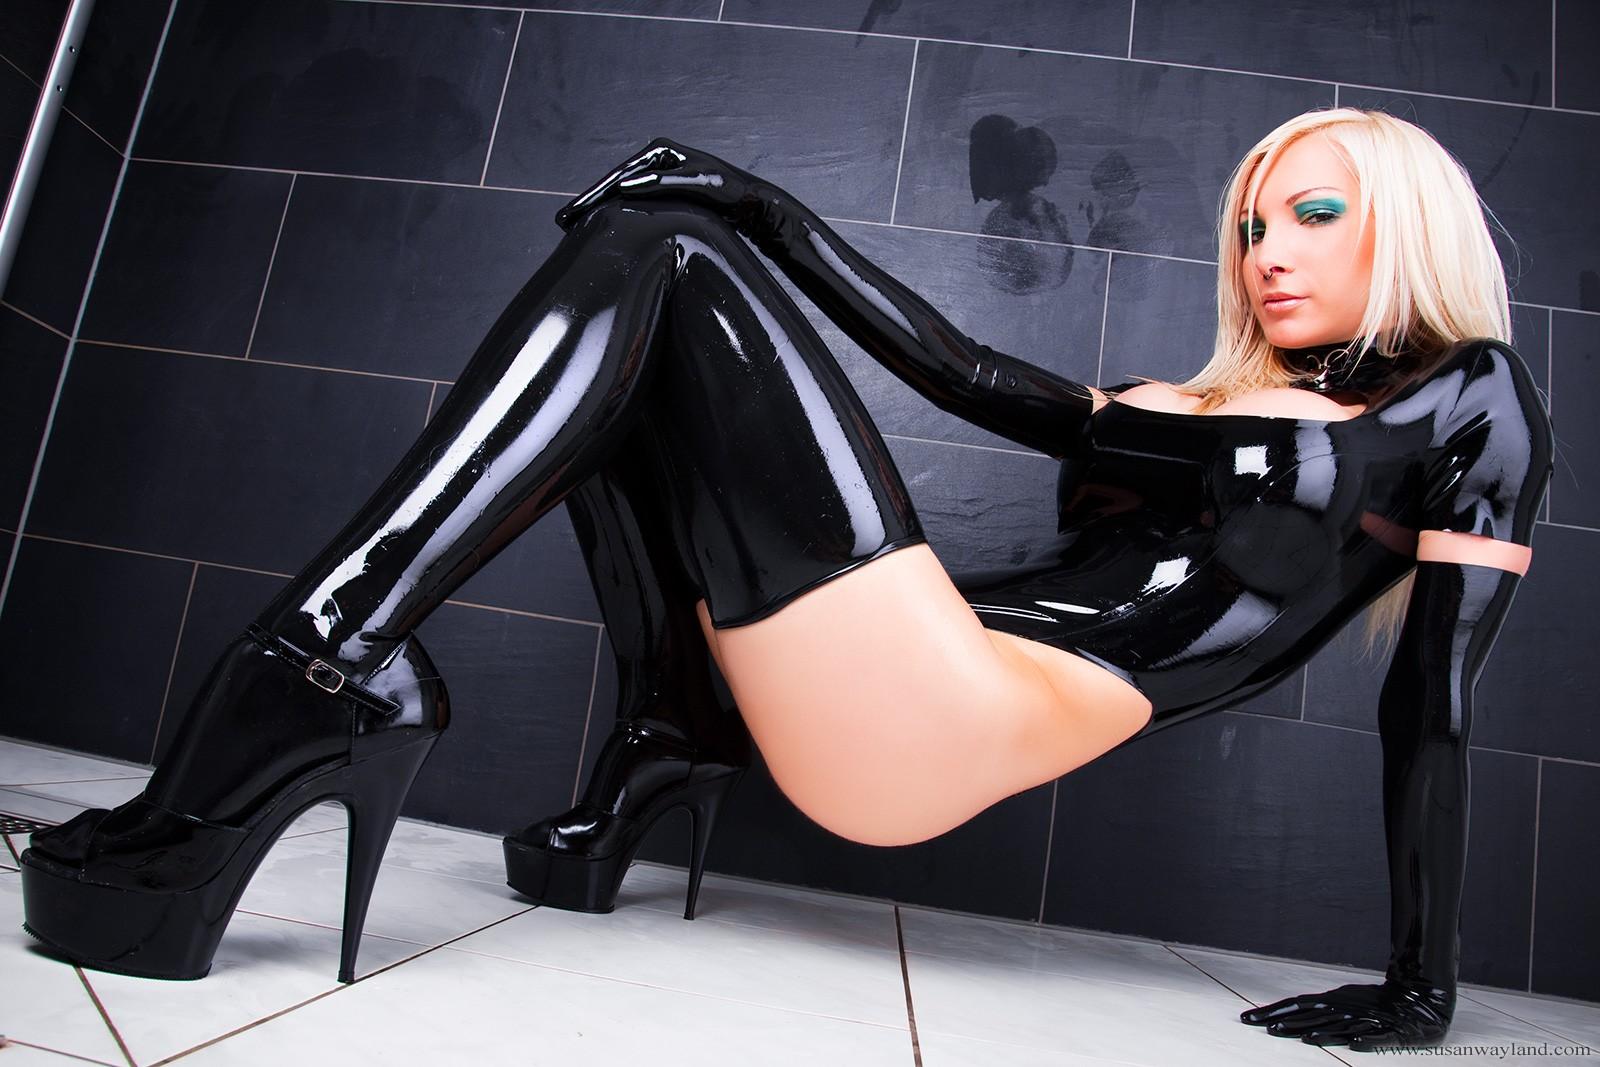 Смотреть онлайн блондинки в латексном белье, свежее групповое порно онлайн